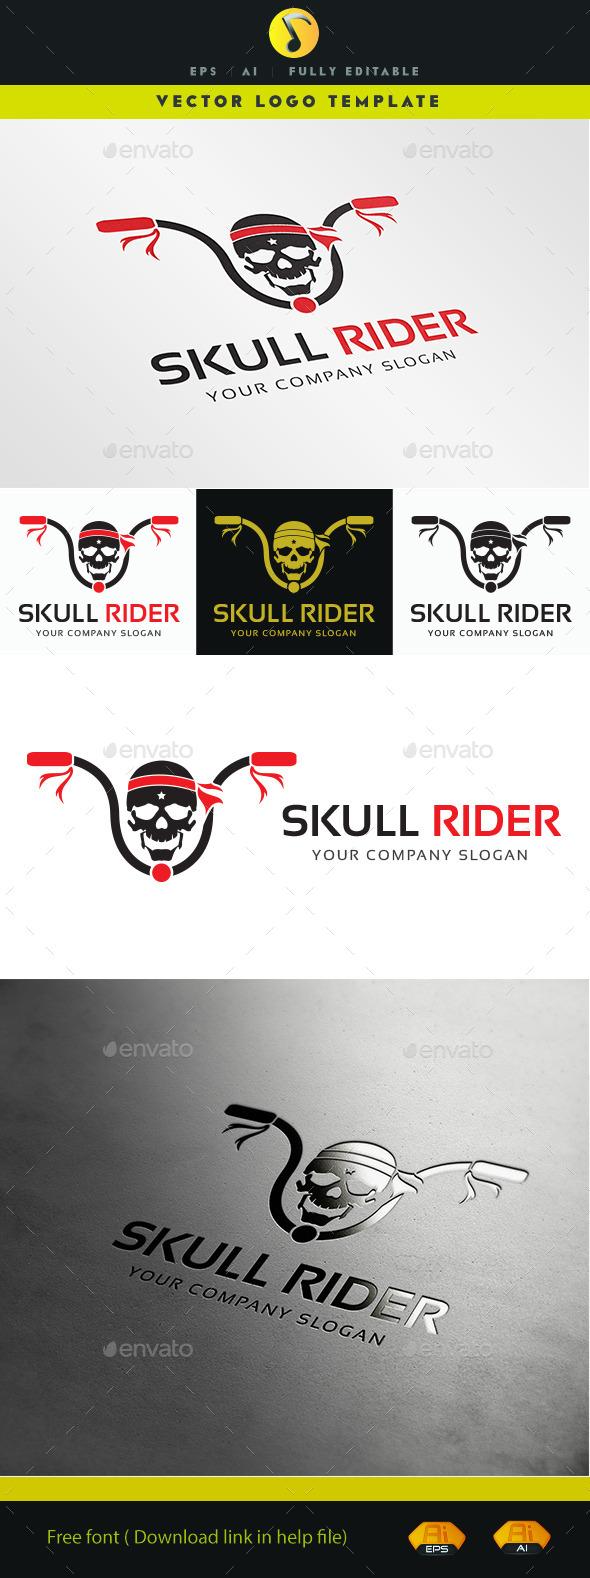 GraphicRiver Skull Rider 11373764